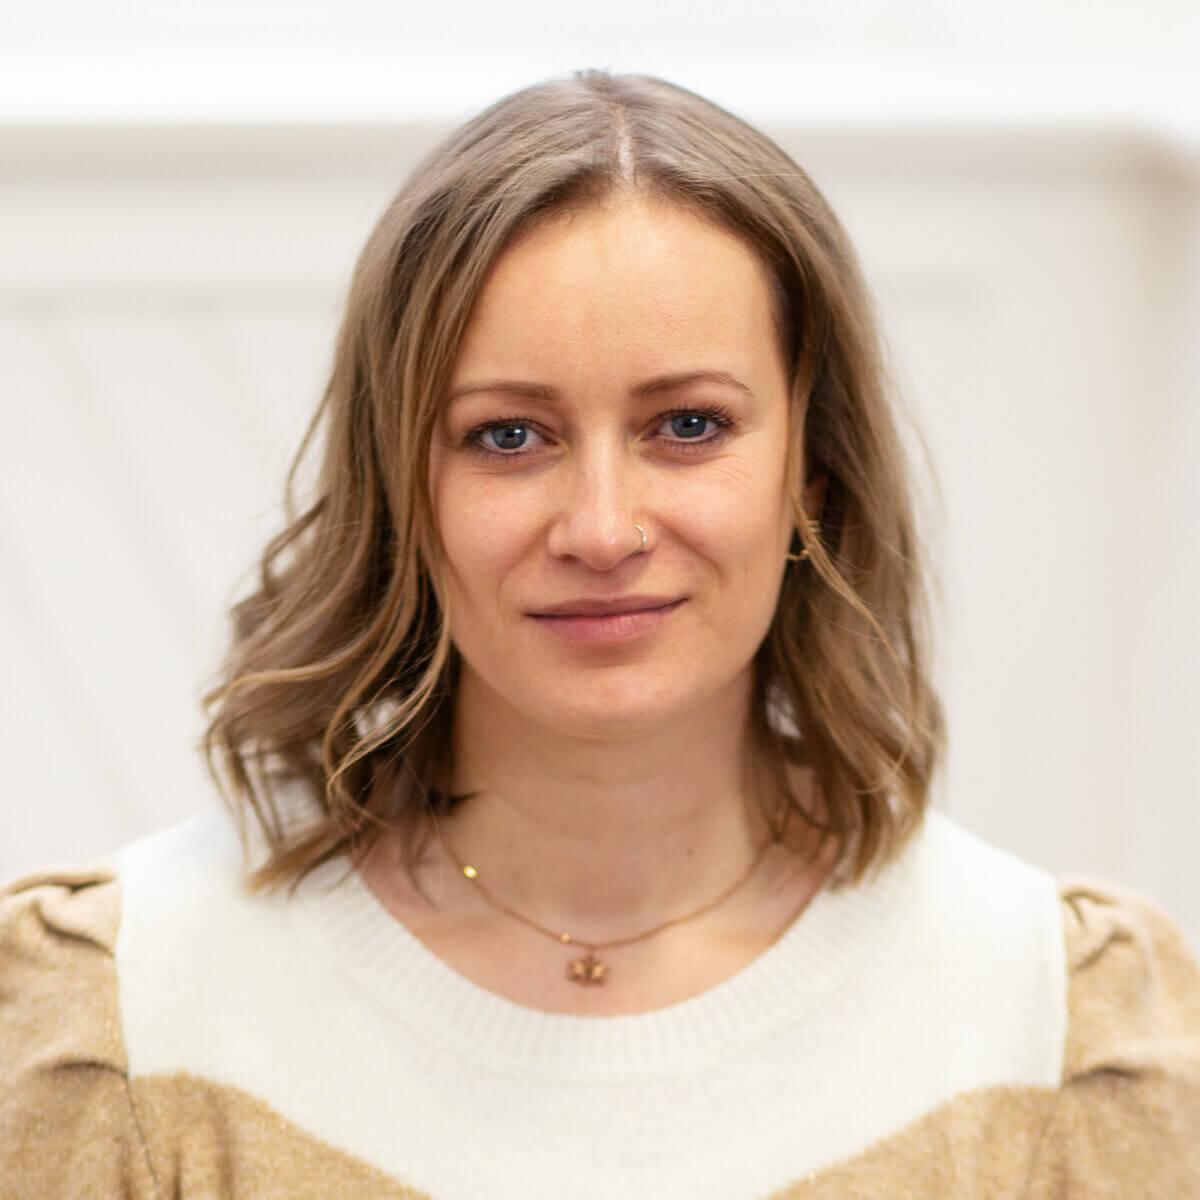 Jeanette Klinger